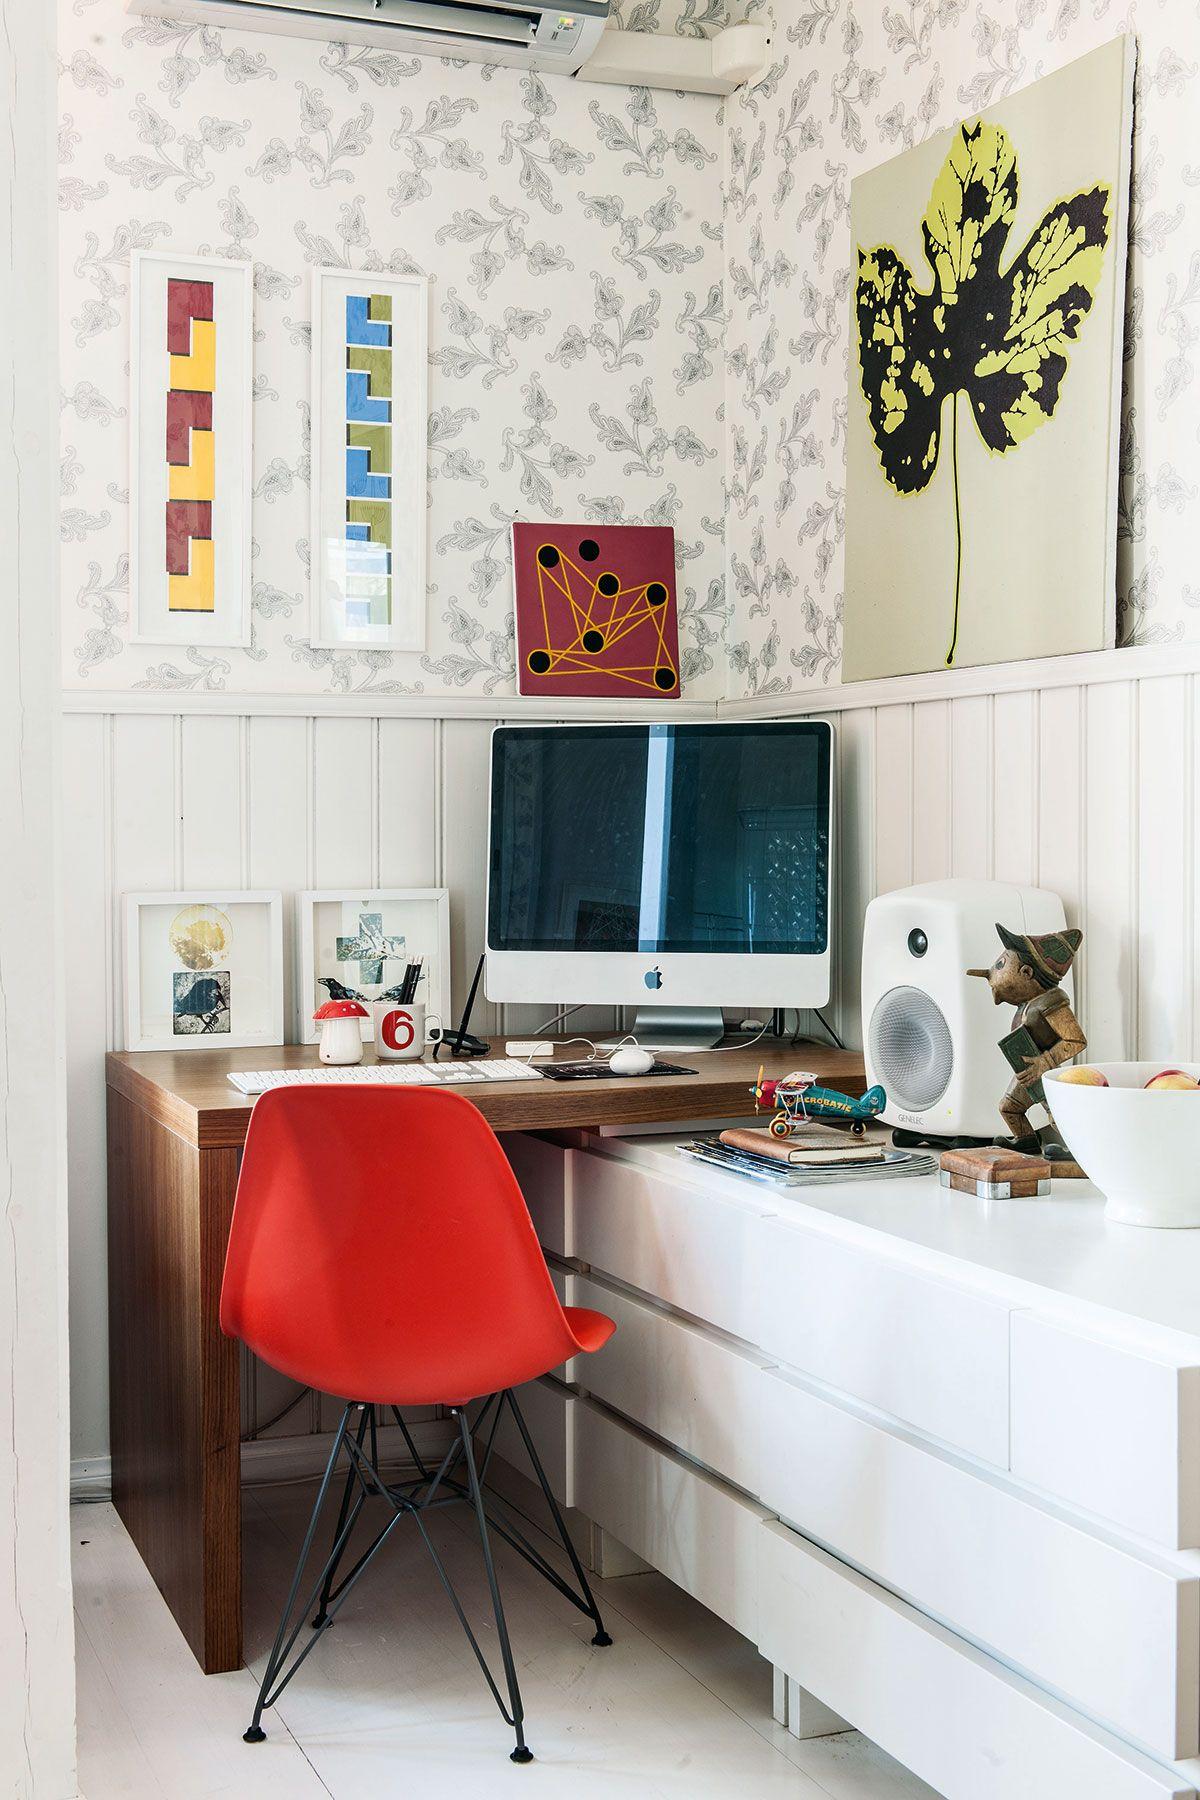 Tinkan kotitoimisto on koottu Muuramen moduuleista ja Vitran tuolista. Tinka tapaa yritysvalmennusasiakkaitaan välillä kotonaankin. Hänen suosikkitaiteilijansa Eila Kinnusen värikkäät taulut tuovat sielukkuutta sisustukseen.